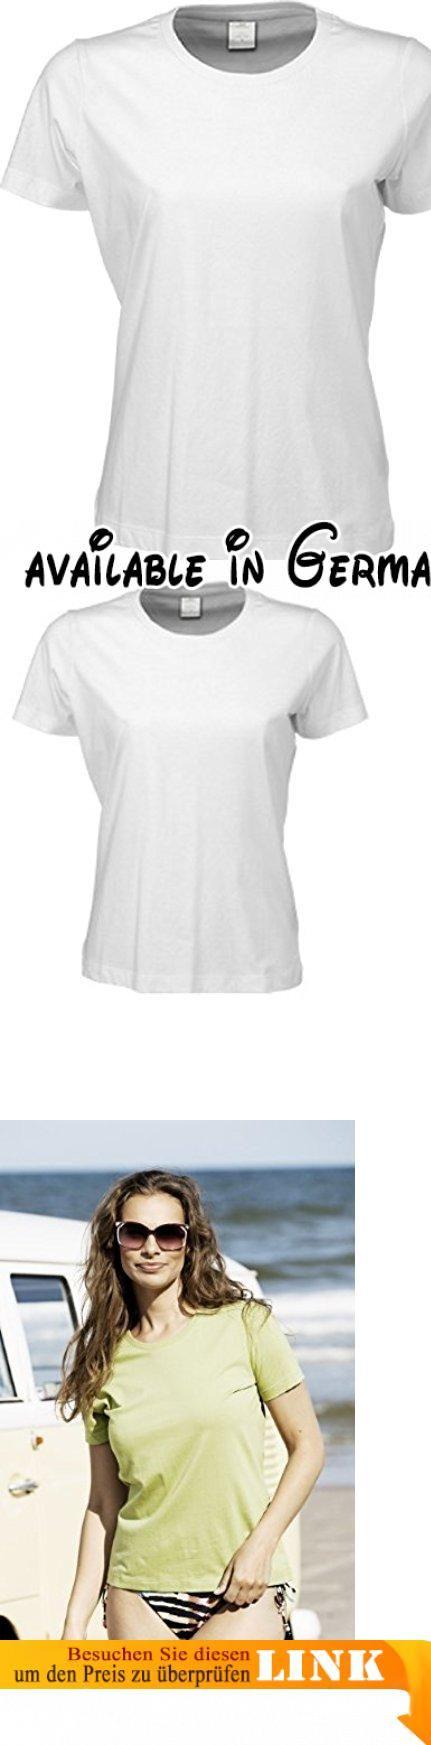 TJ8050-4 Tee Jays 4er-Pack Damen T-Shirt (auch in großen Größen- bis 5XL), Größe:5XL;Farbe:White.  #Apparel #SHIRT